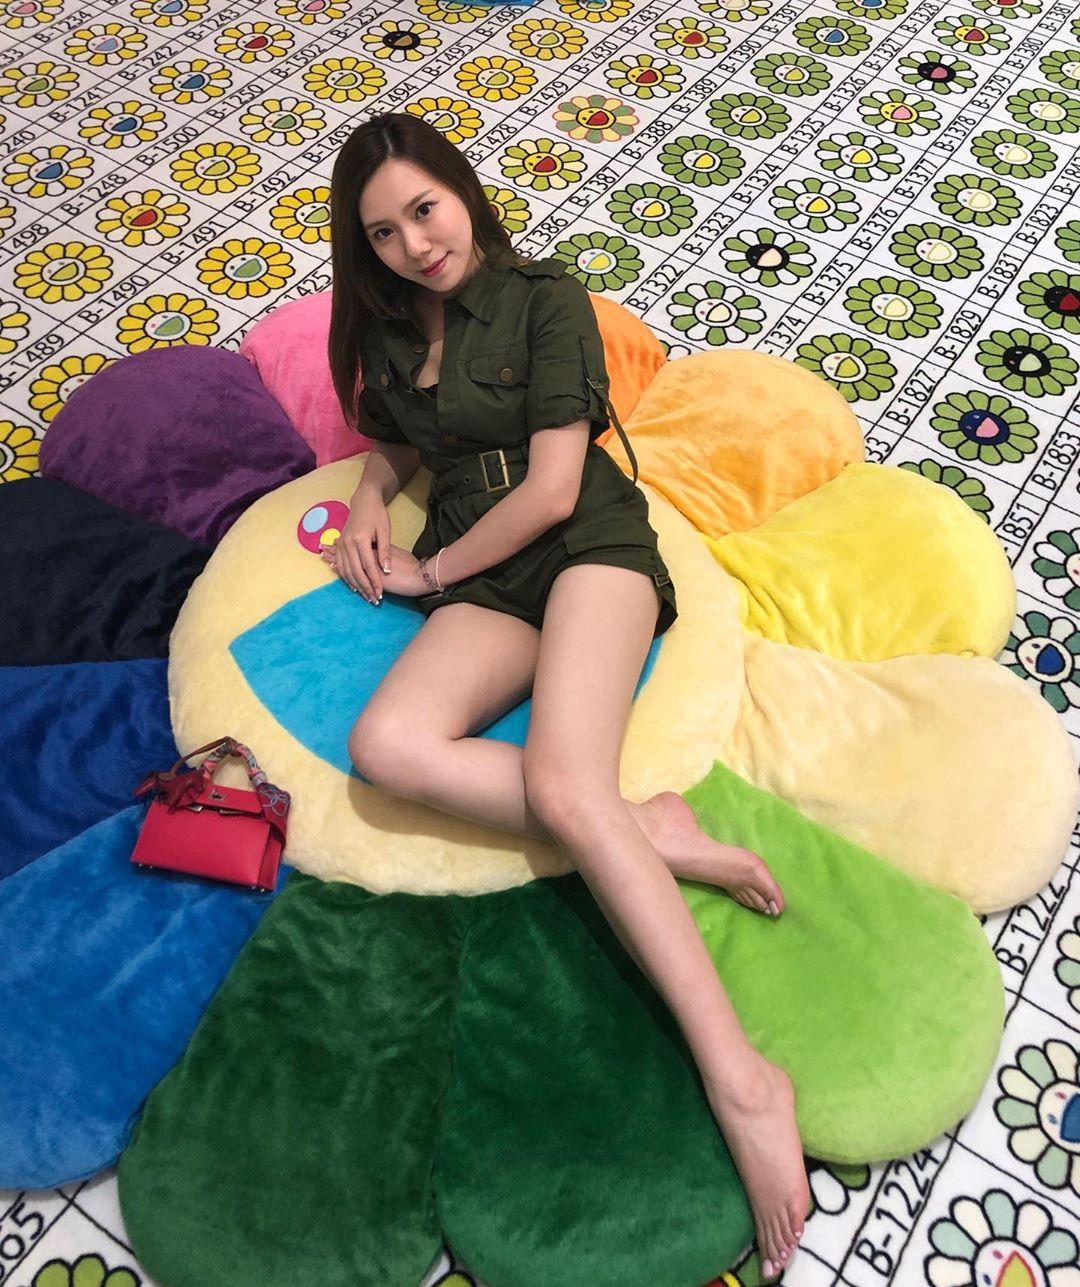 仙气百分百!绝正香港甜心《Mangie Lo》白嫩肉体美出新高度! 美女图片 第5张